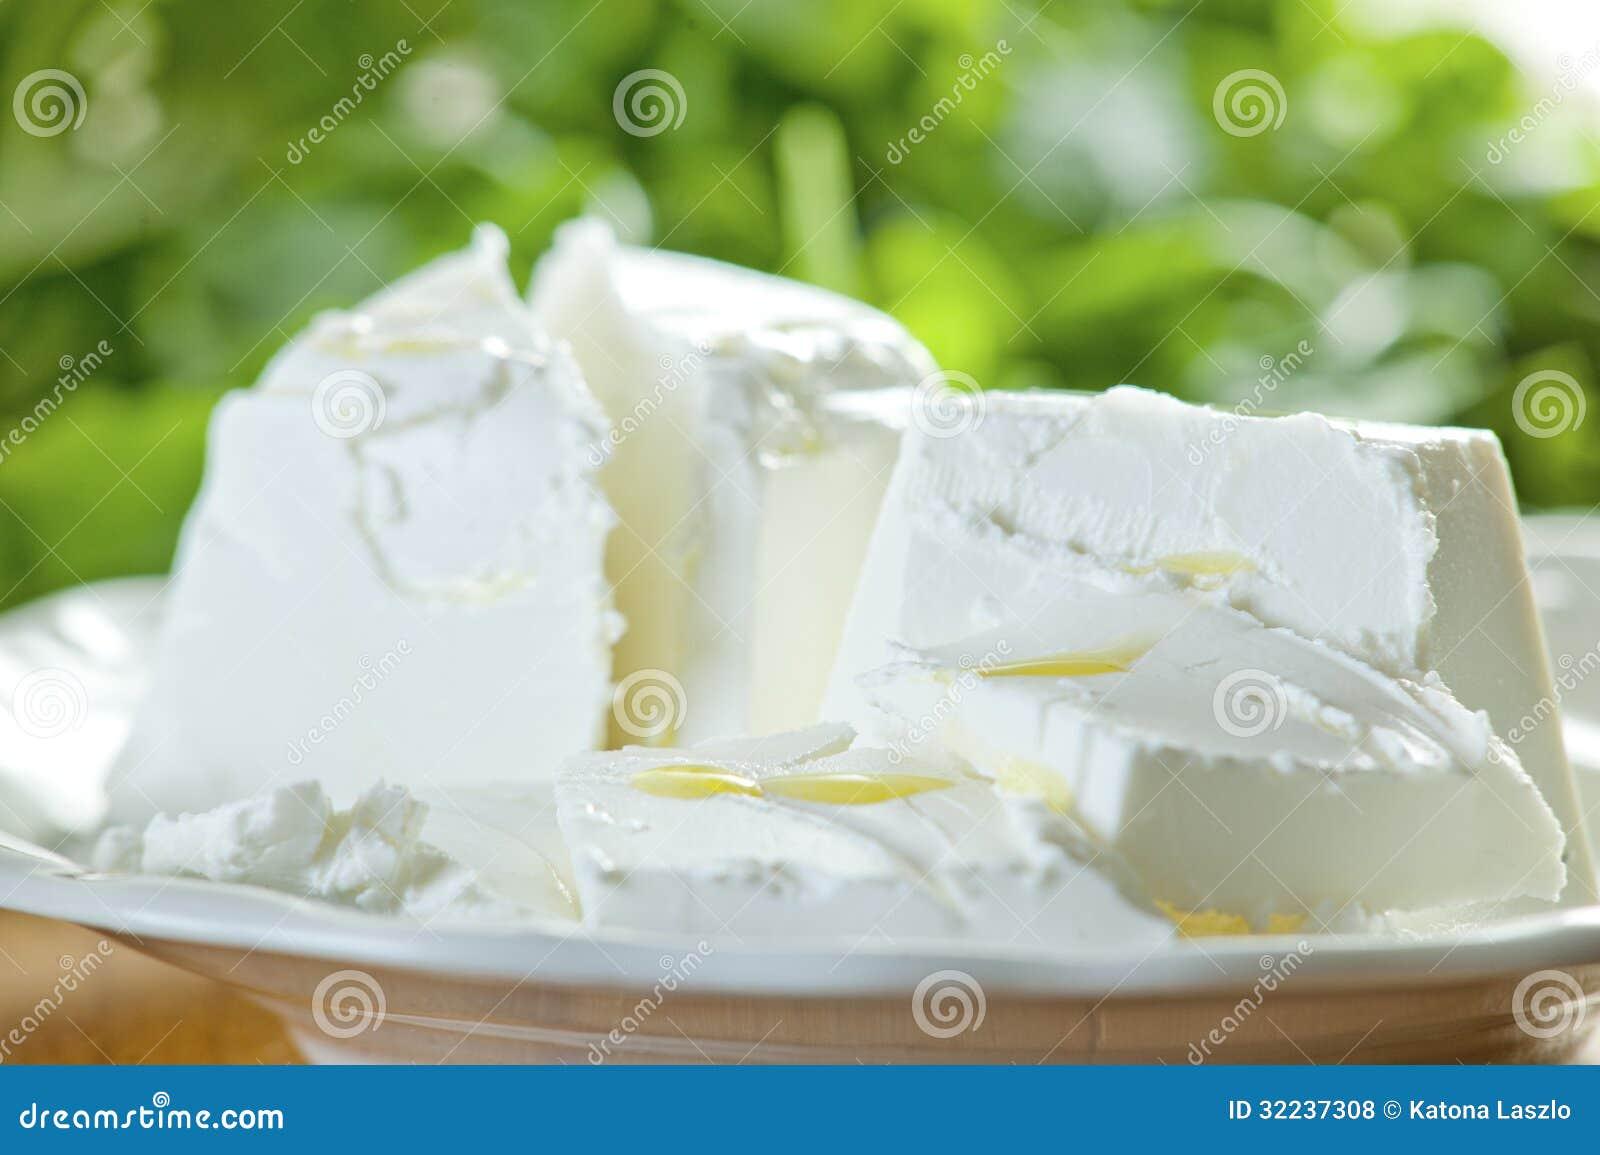 Ensalada del queso de cabra